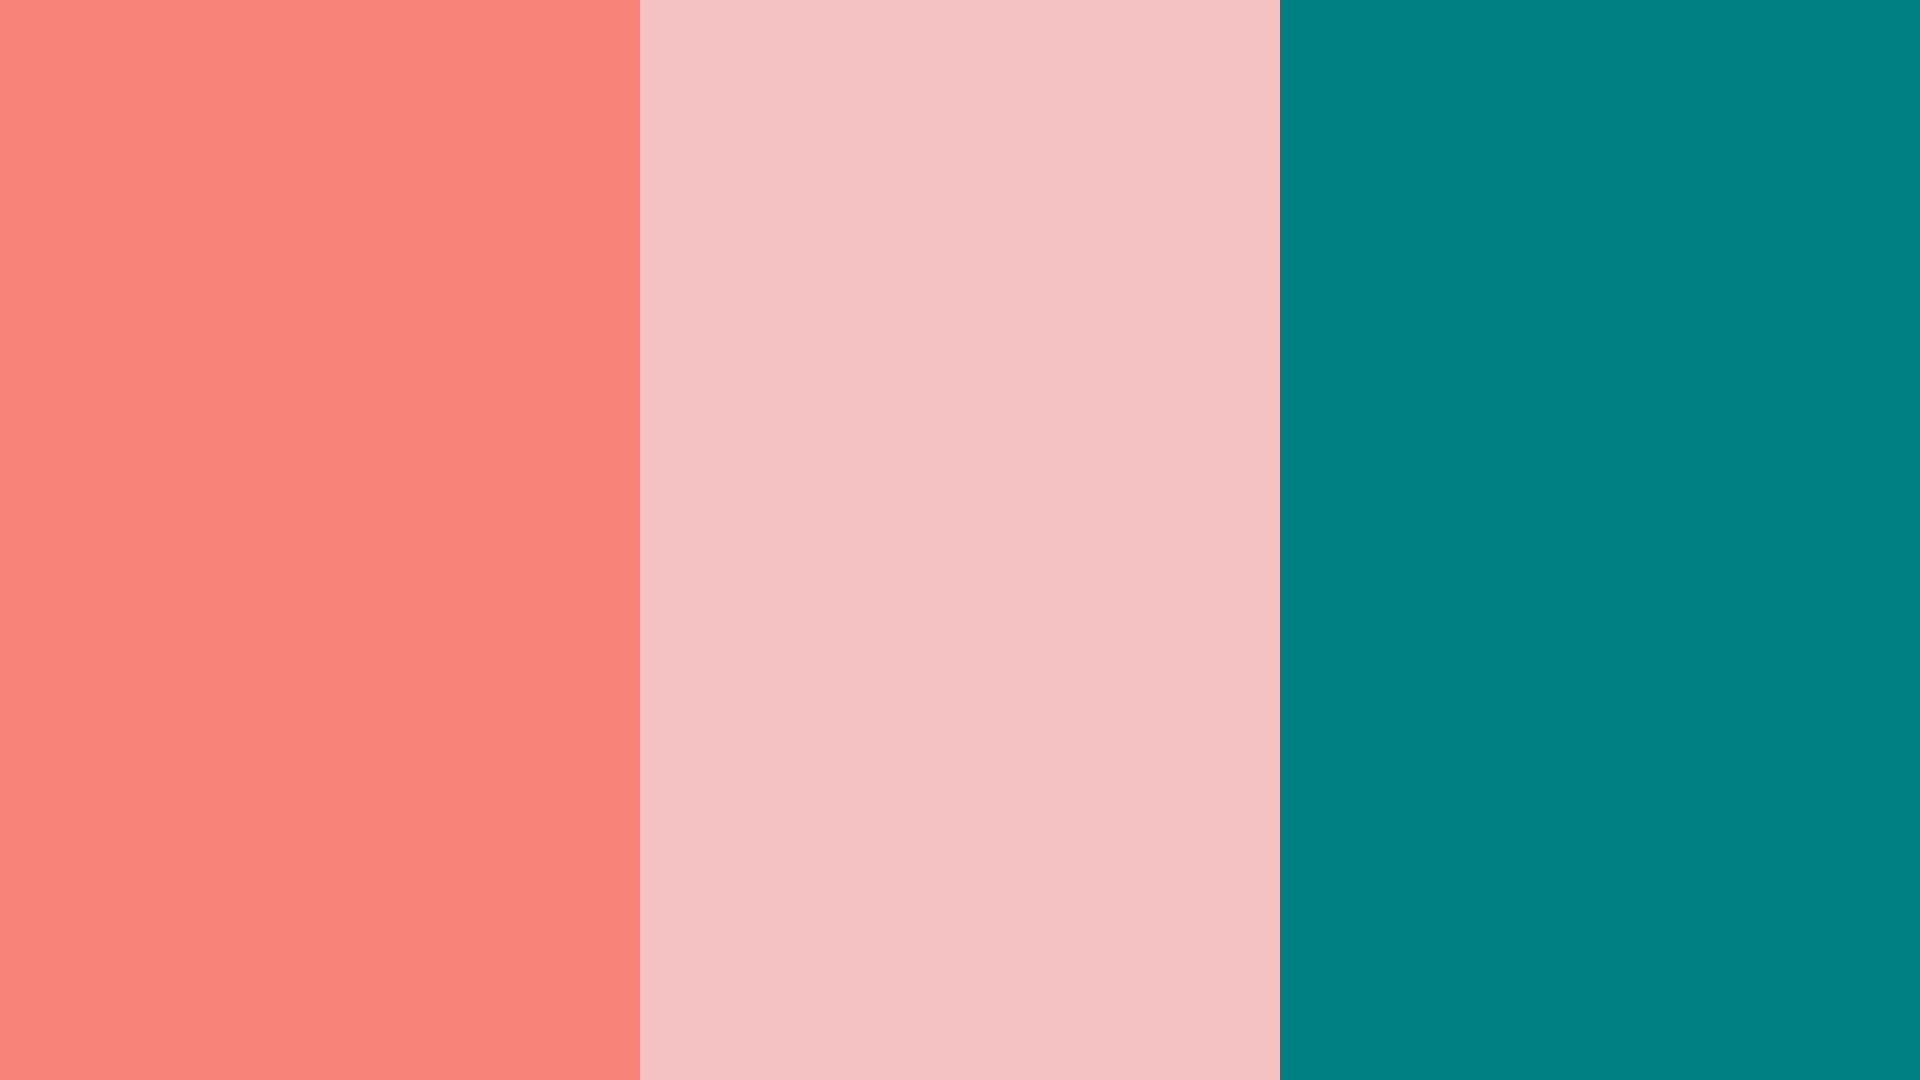 Orange and Teal Wallpaper – WallpaperSafari